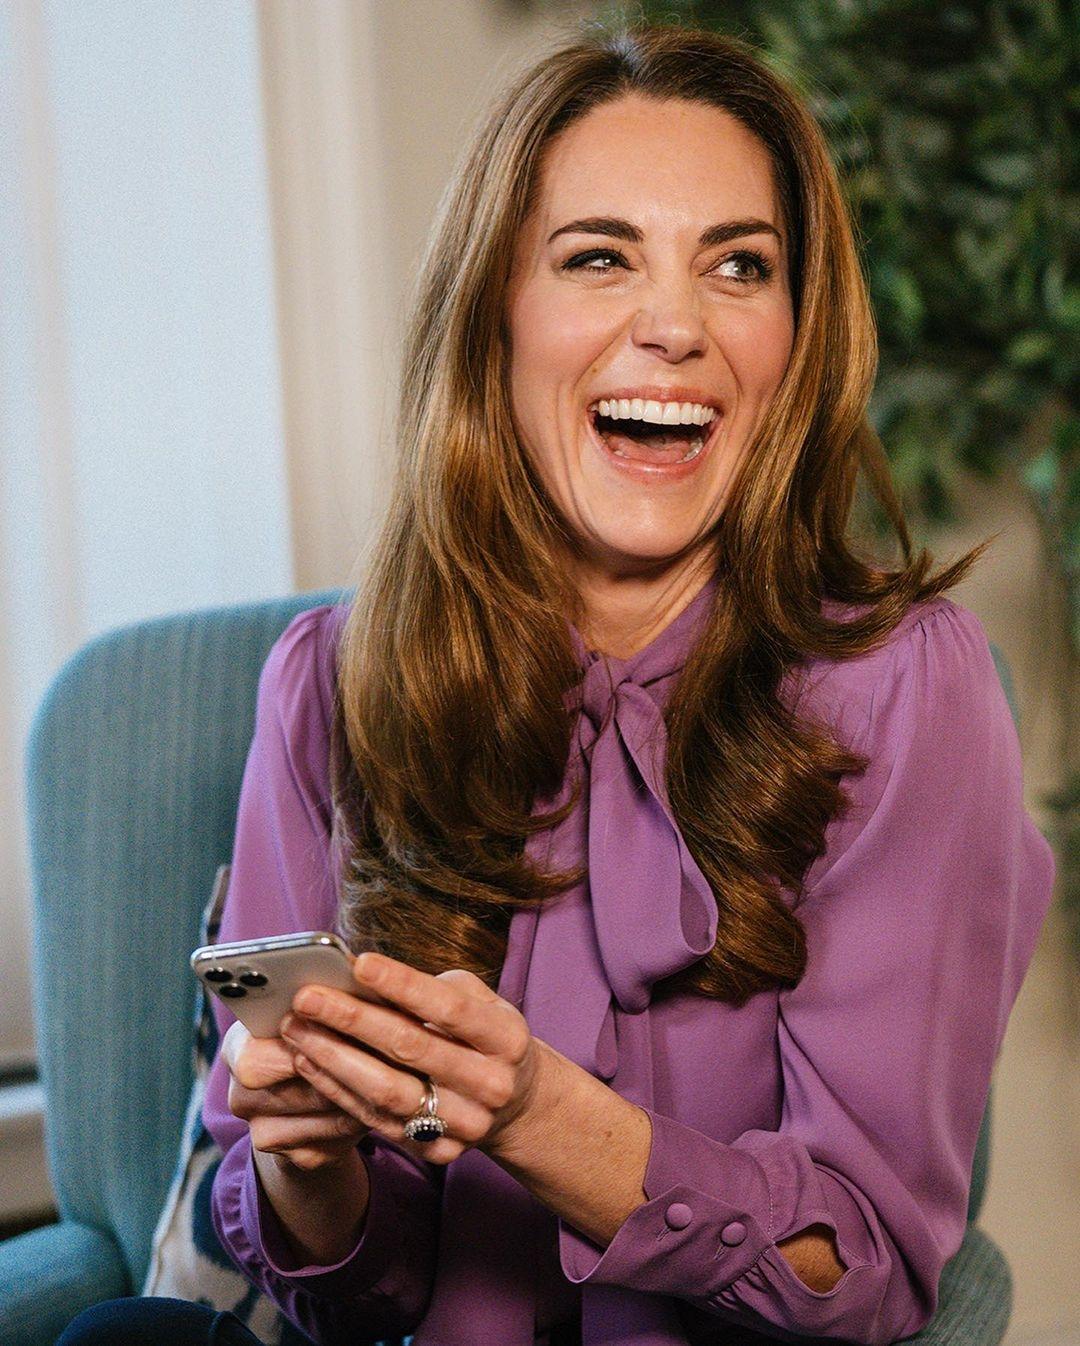 Лавандовый — тренд сезона: рассматриваем новые образы Кейт Миддлтон (ФОТО) - фото №1